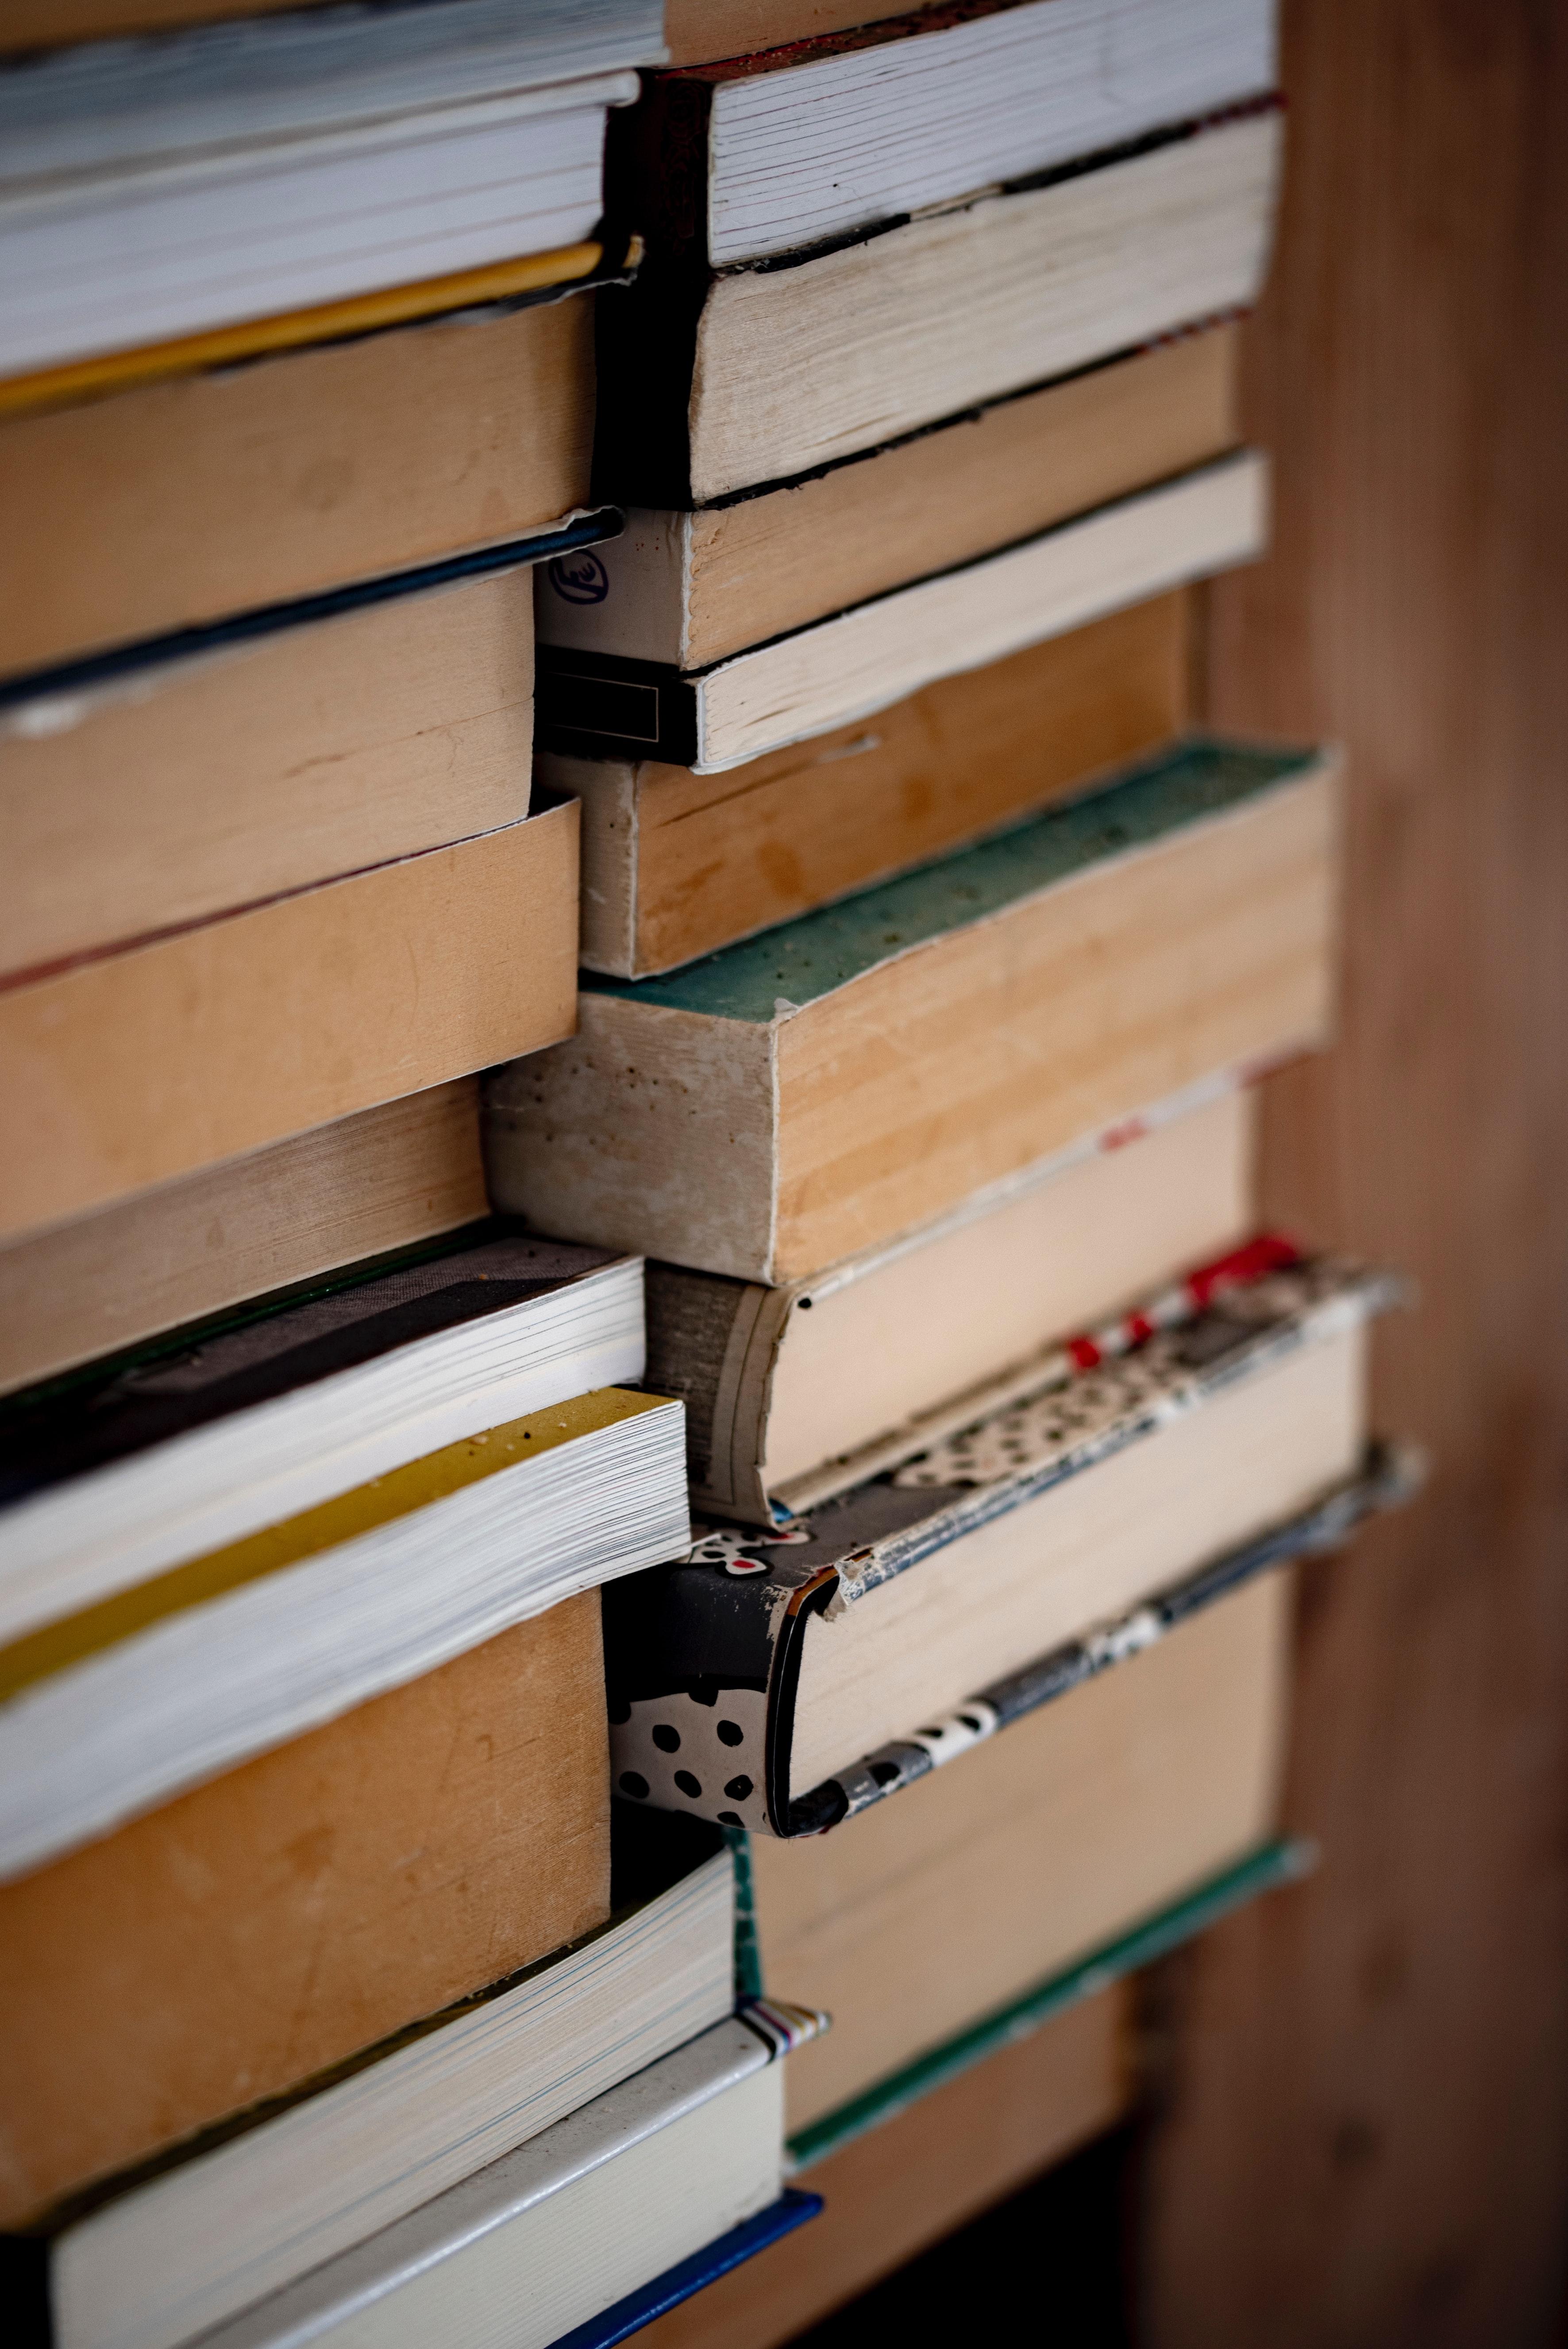 68254 скачать обои Разное, Книги, Полка, Страницы, Макро - заставки и картинки бесплатно